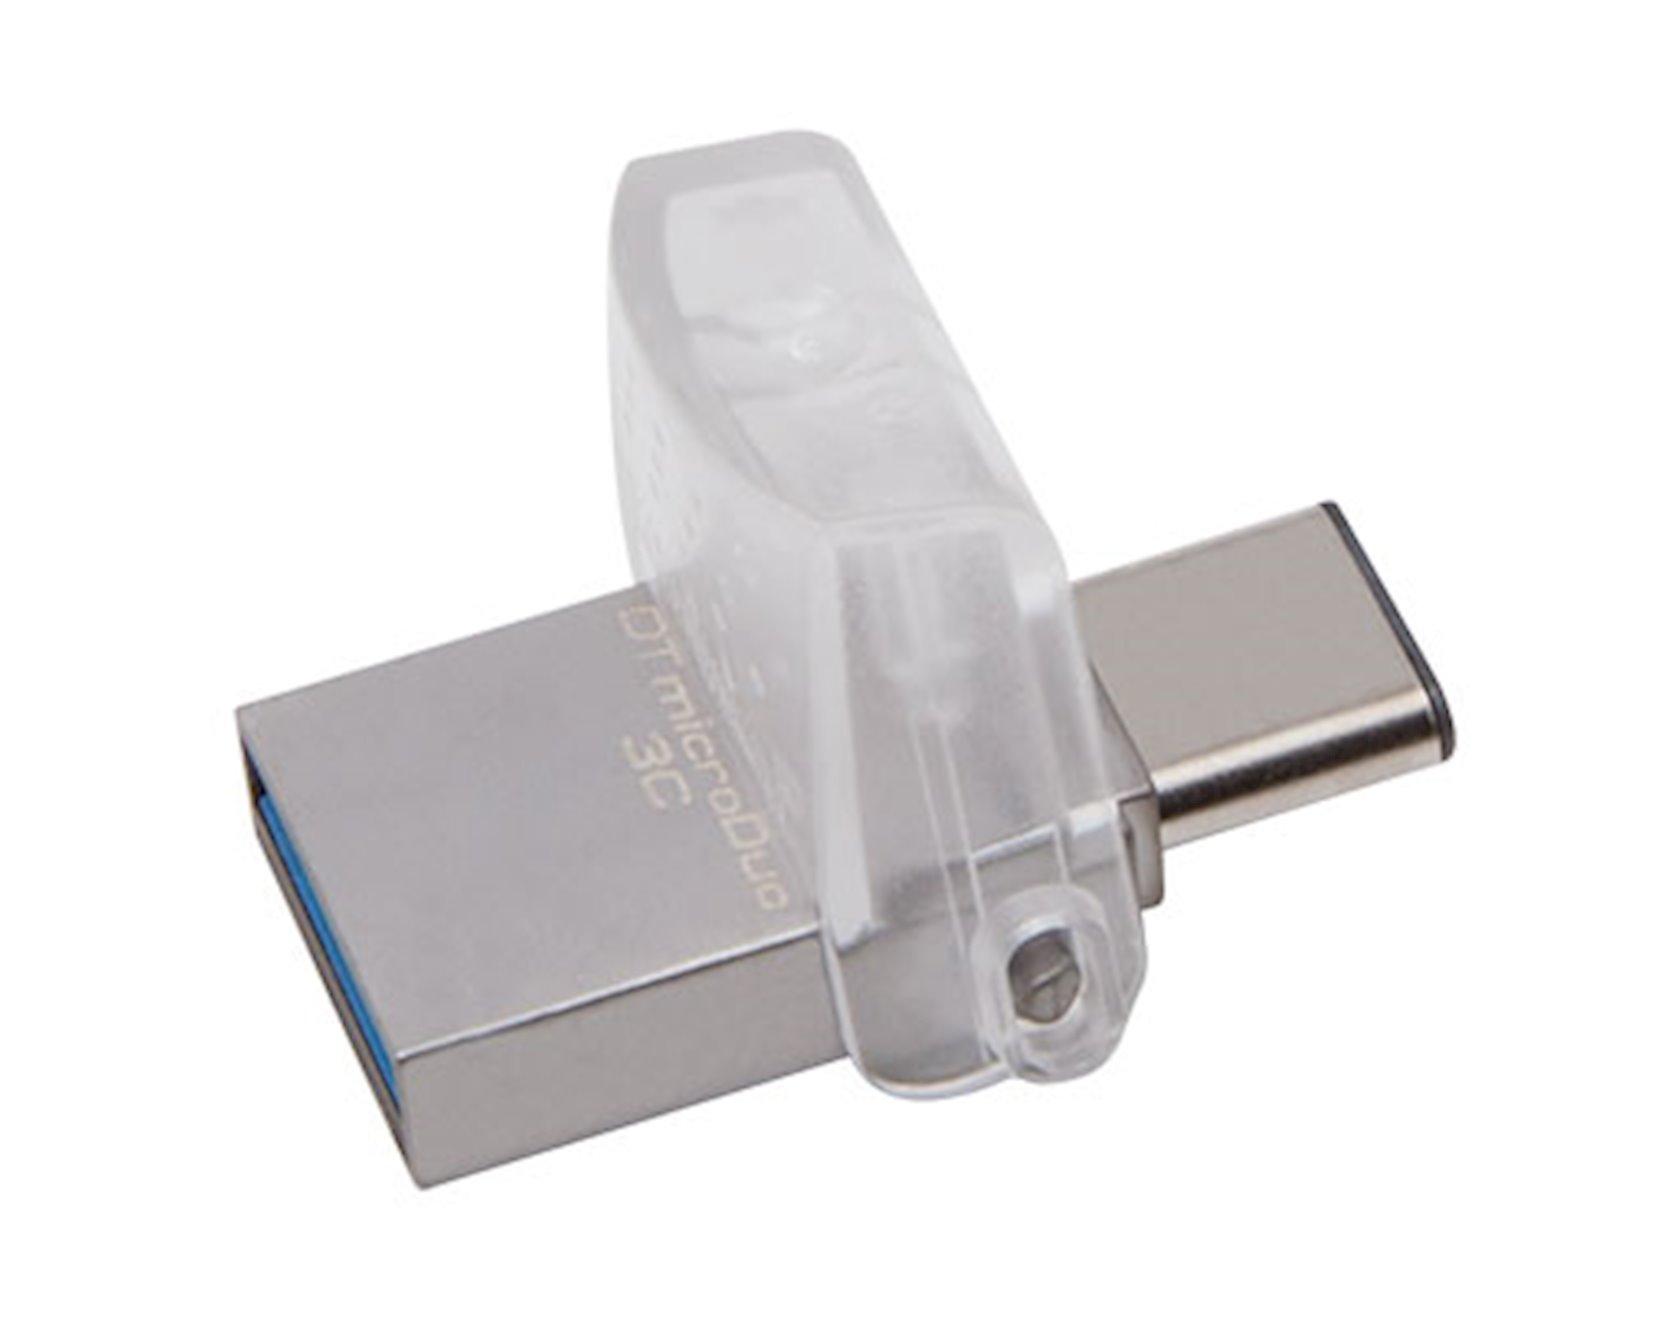 Fleş Kingston DTDUO3C DataTraveler microDuo 3C 32 Gb